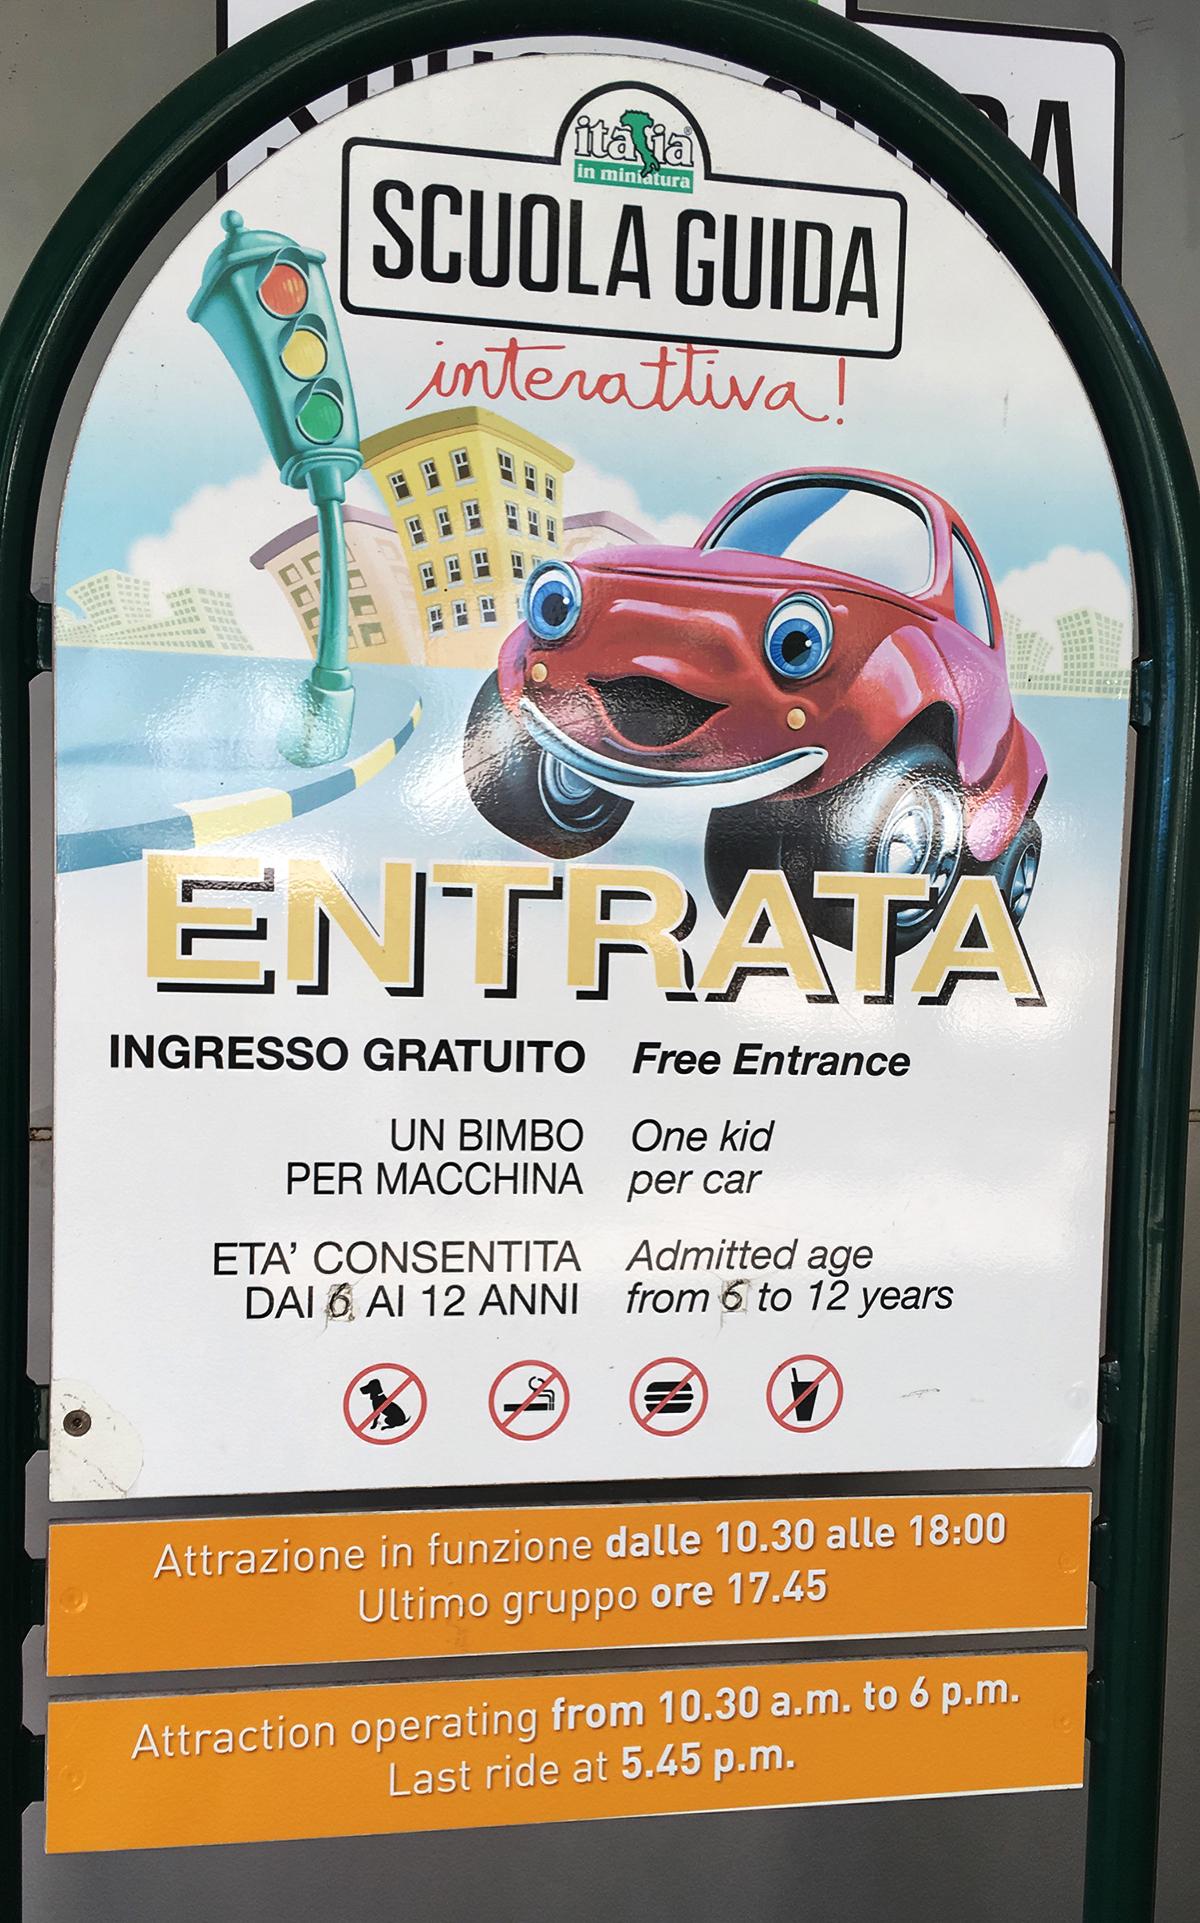 Italia in miniatura_scuola guida interattiva2